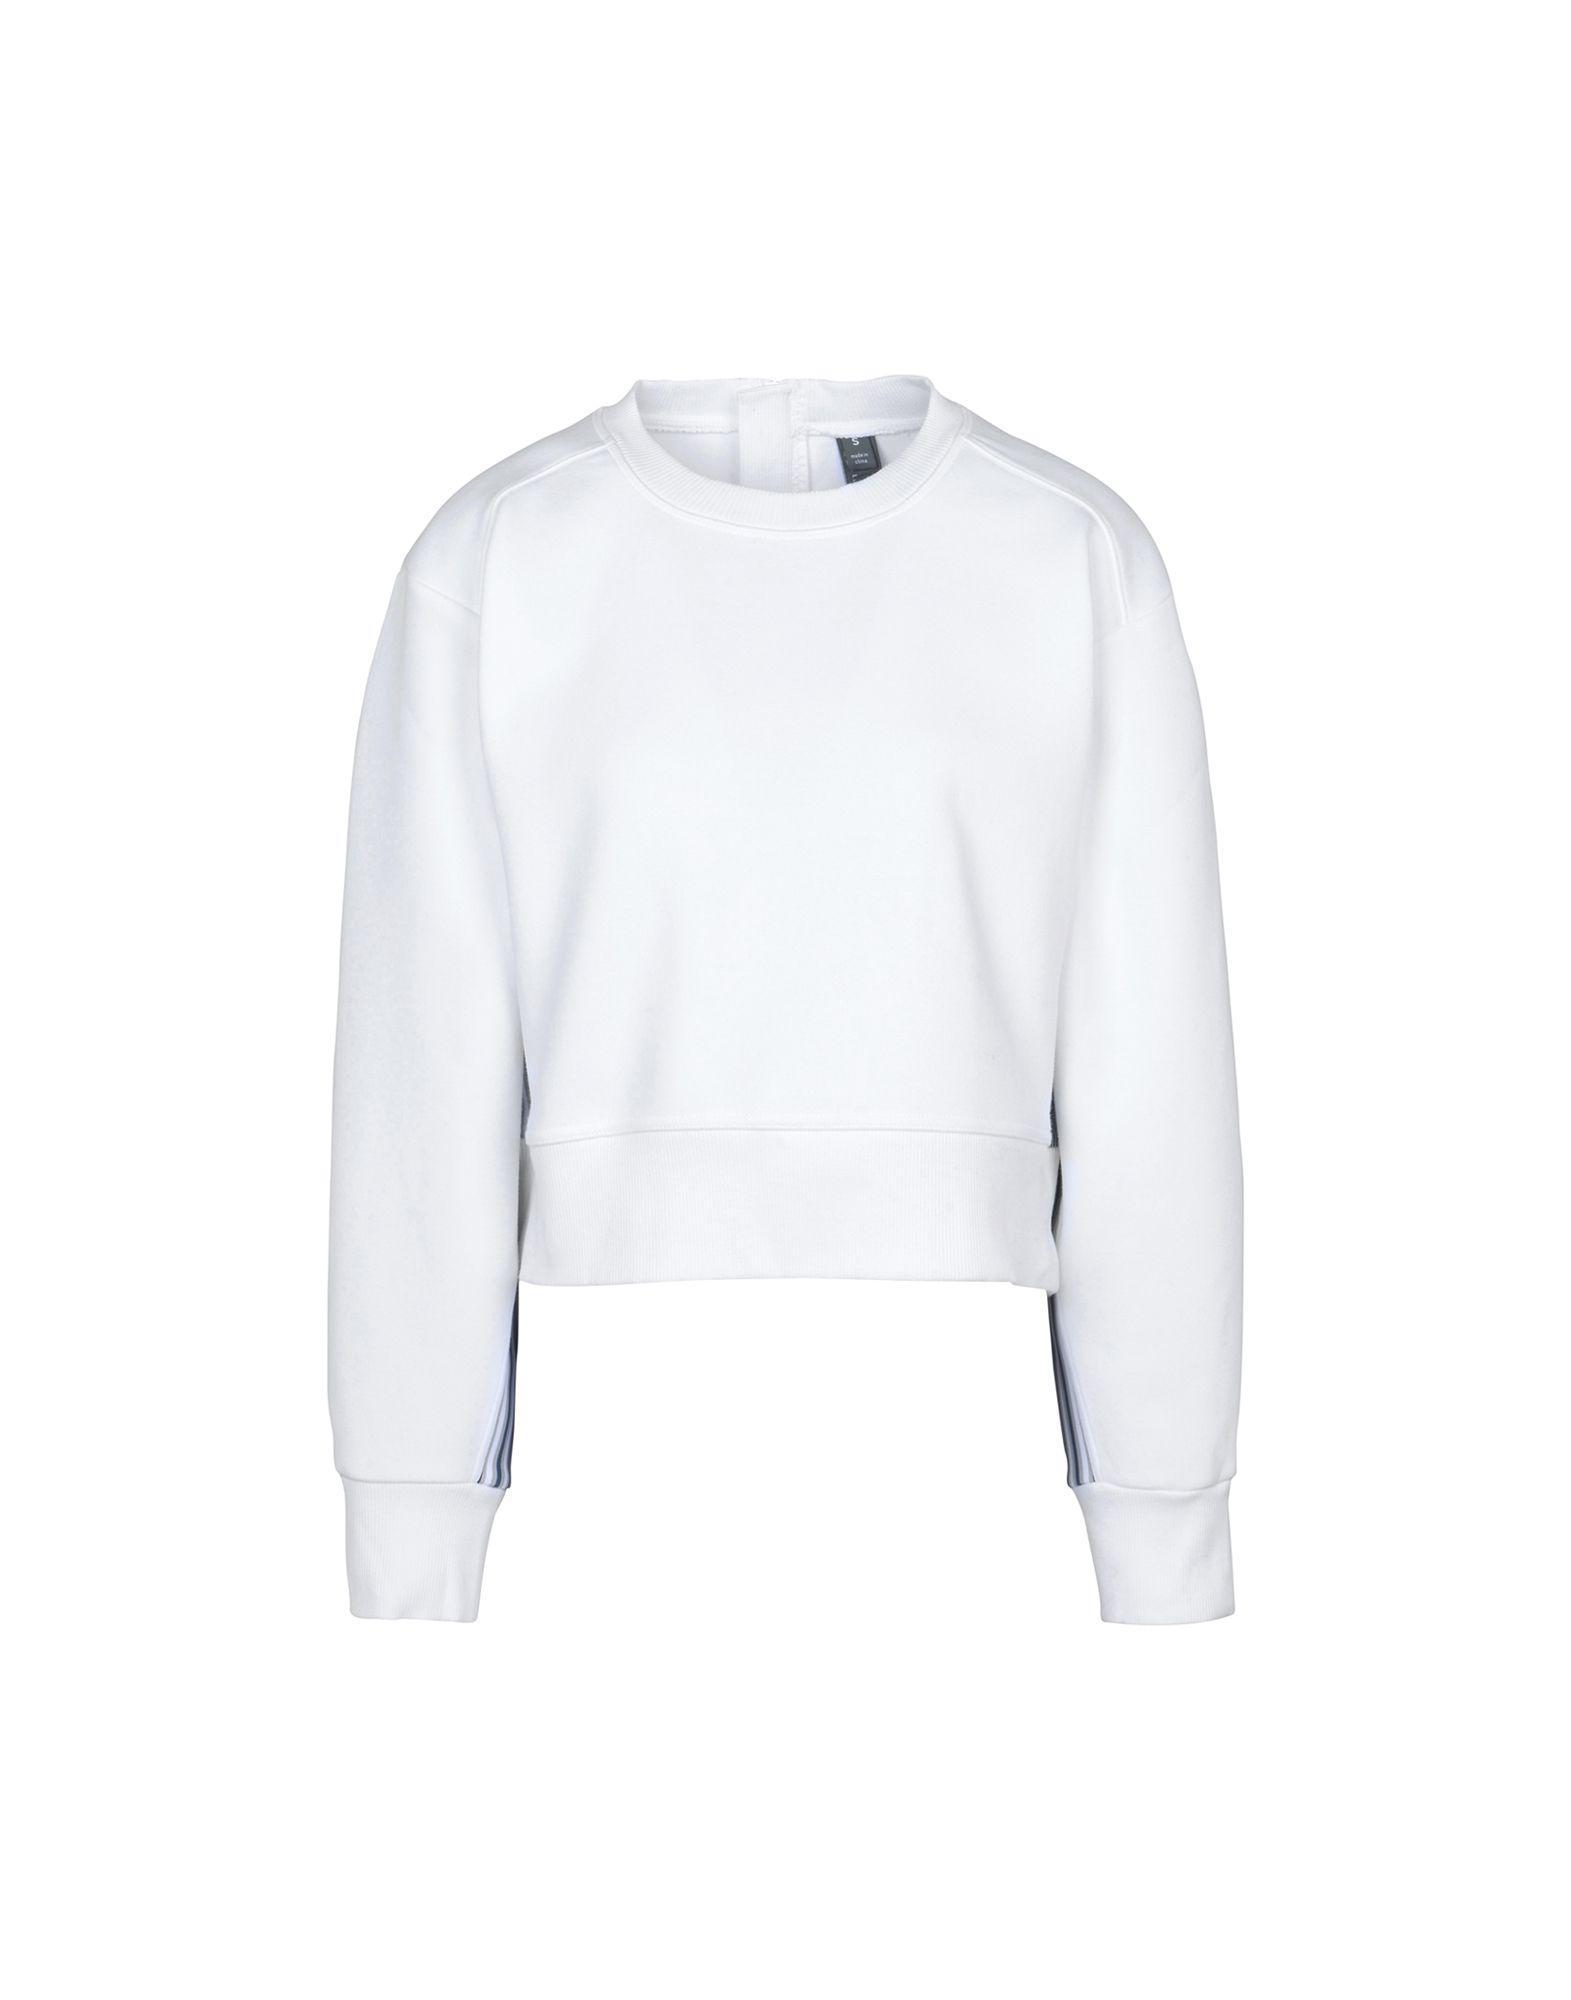 Adidas Sweat Tqaf7w6q Shirt By Mccartney Stella vq4xp